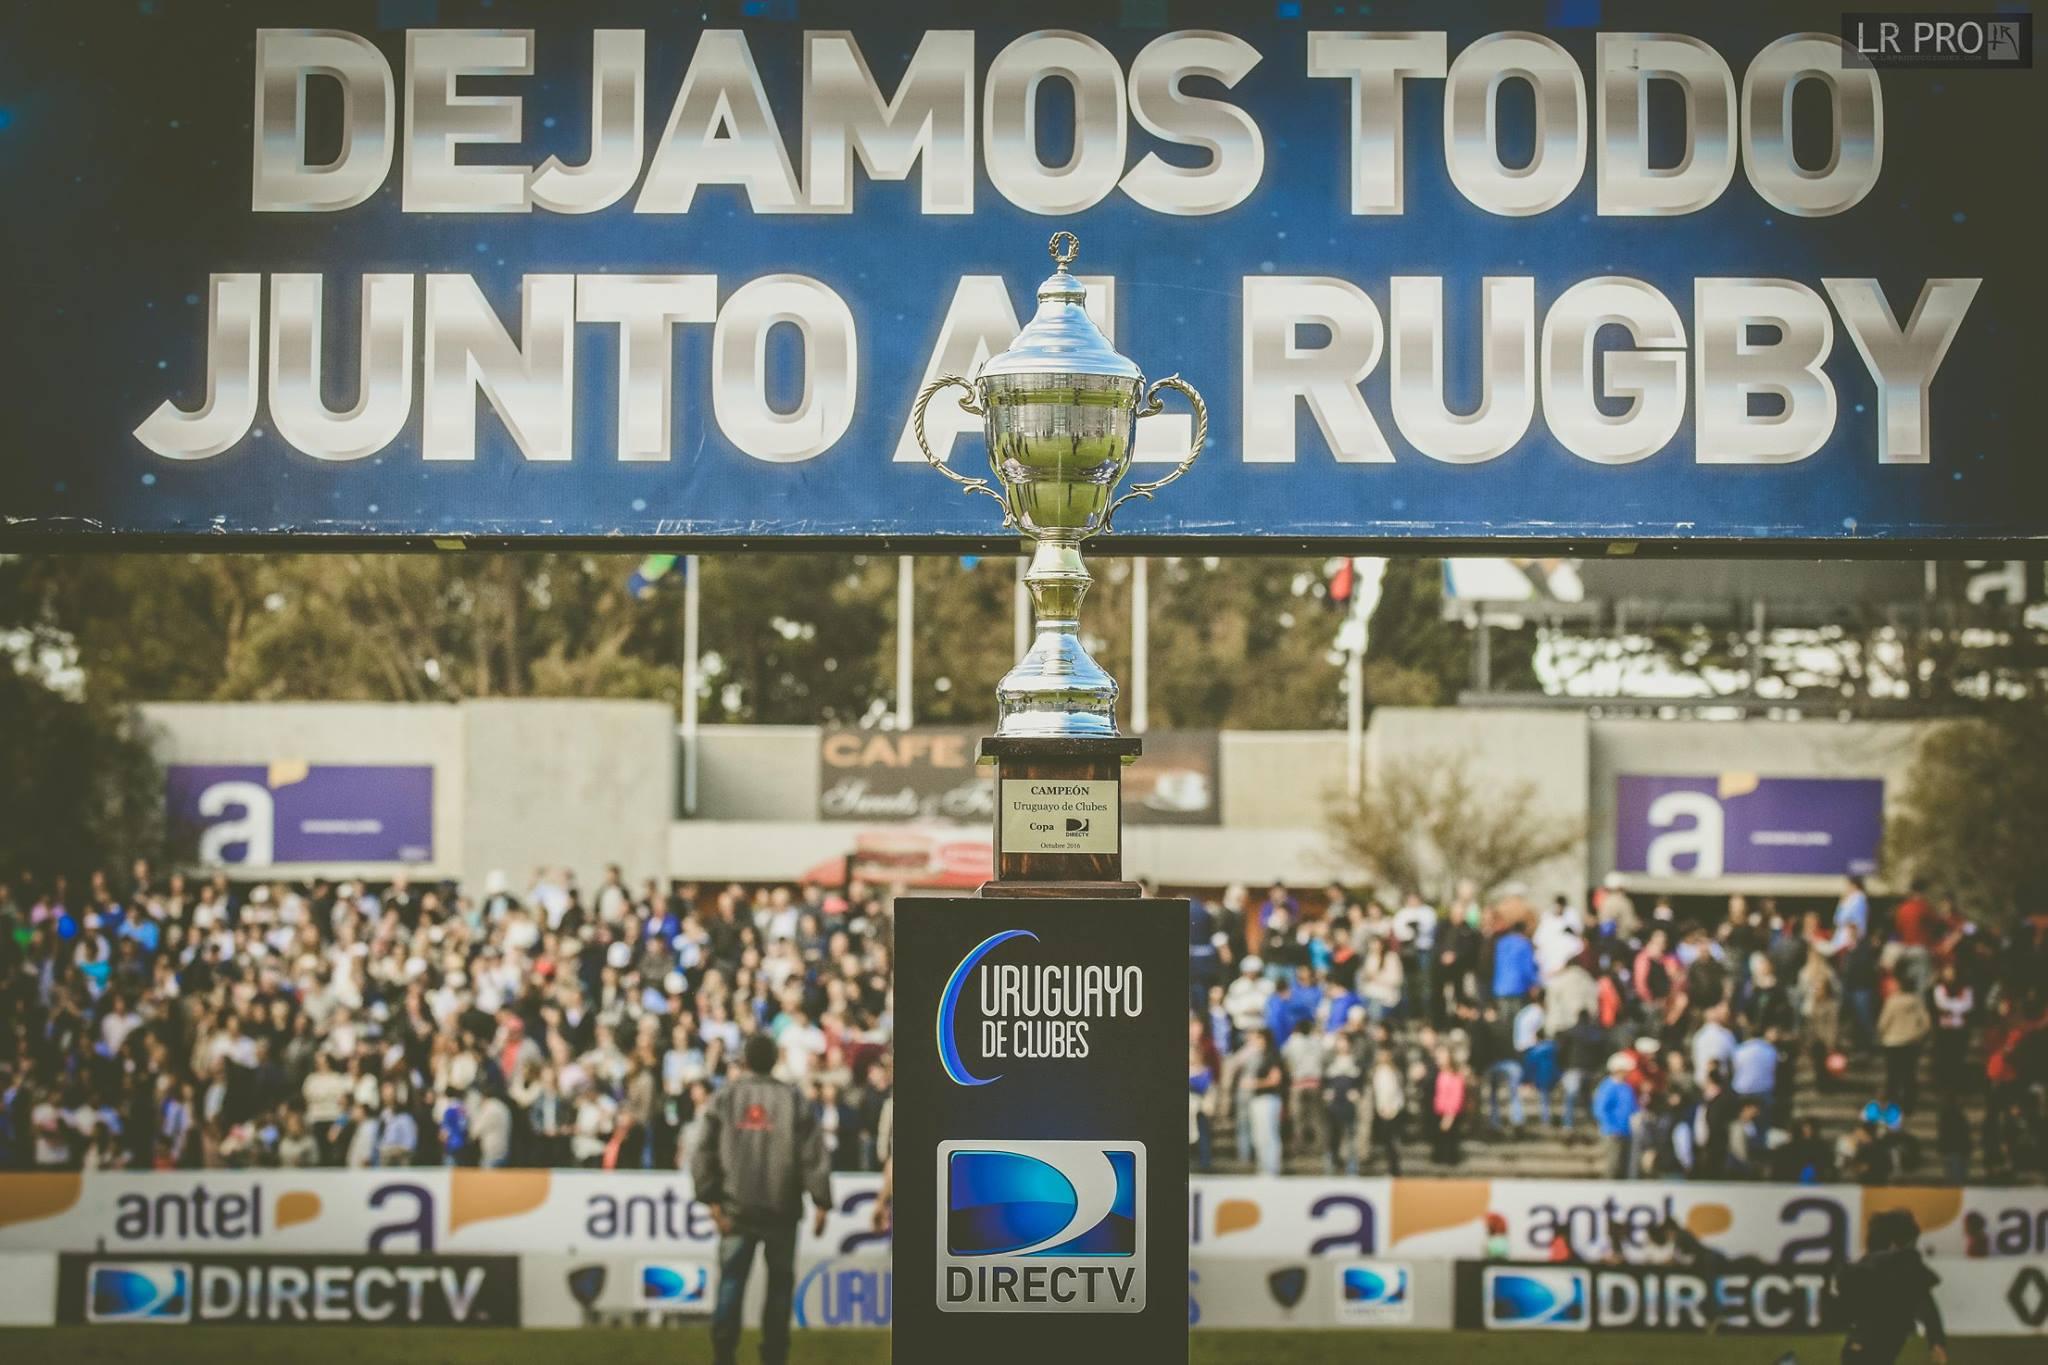 ¡Arrancó el Uruguayo De Clubes!